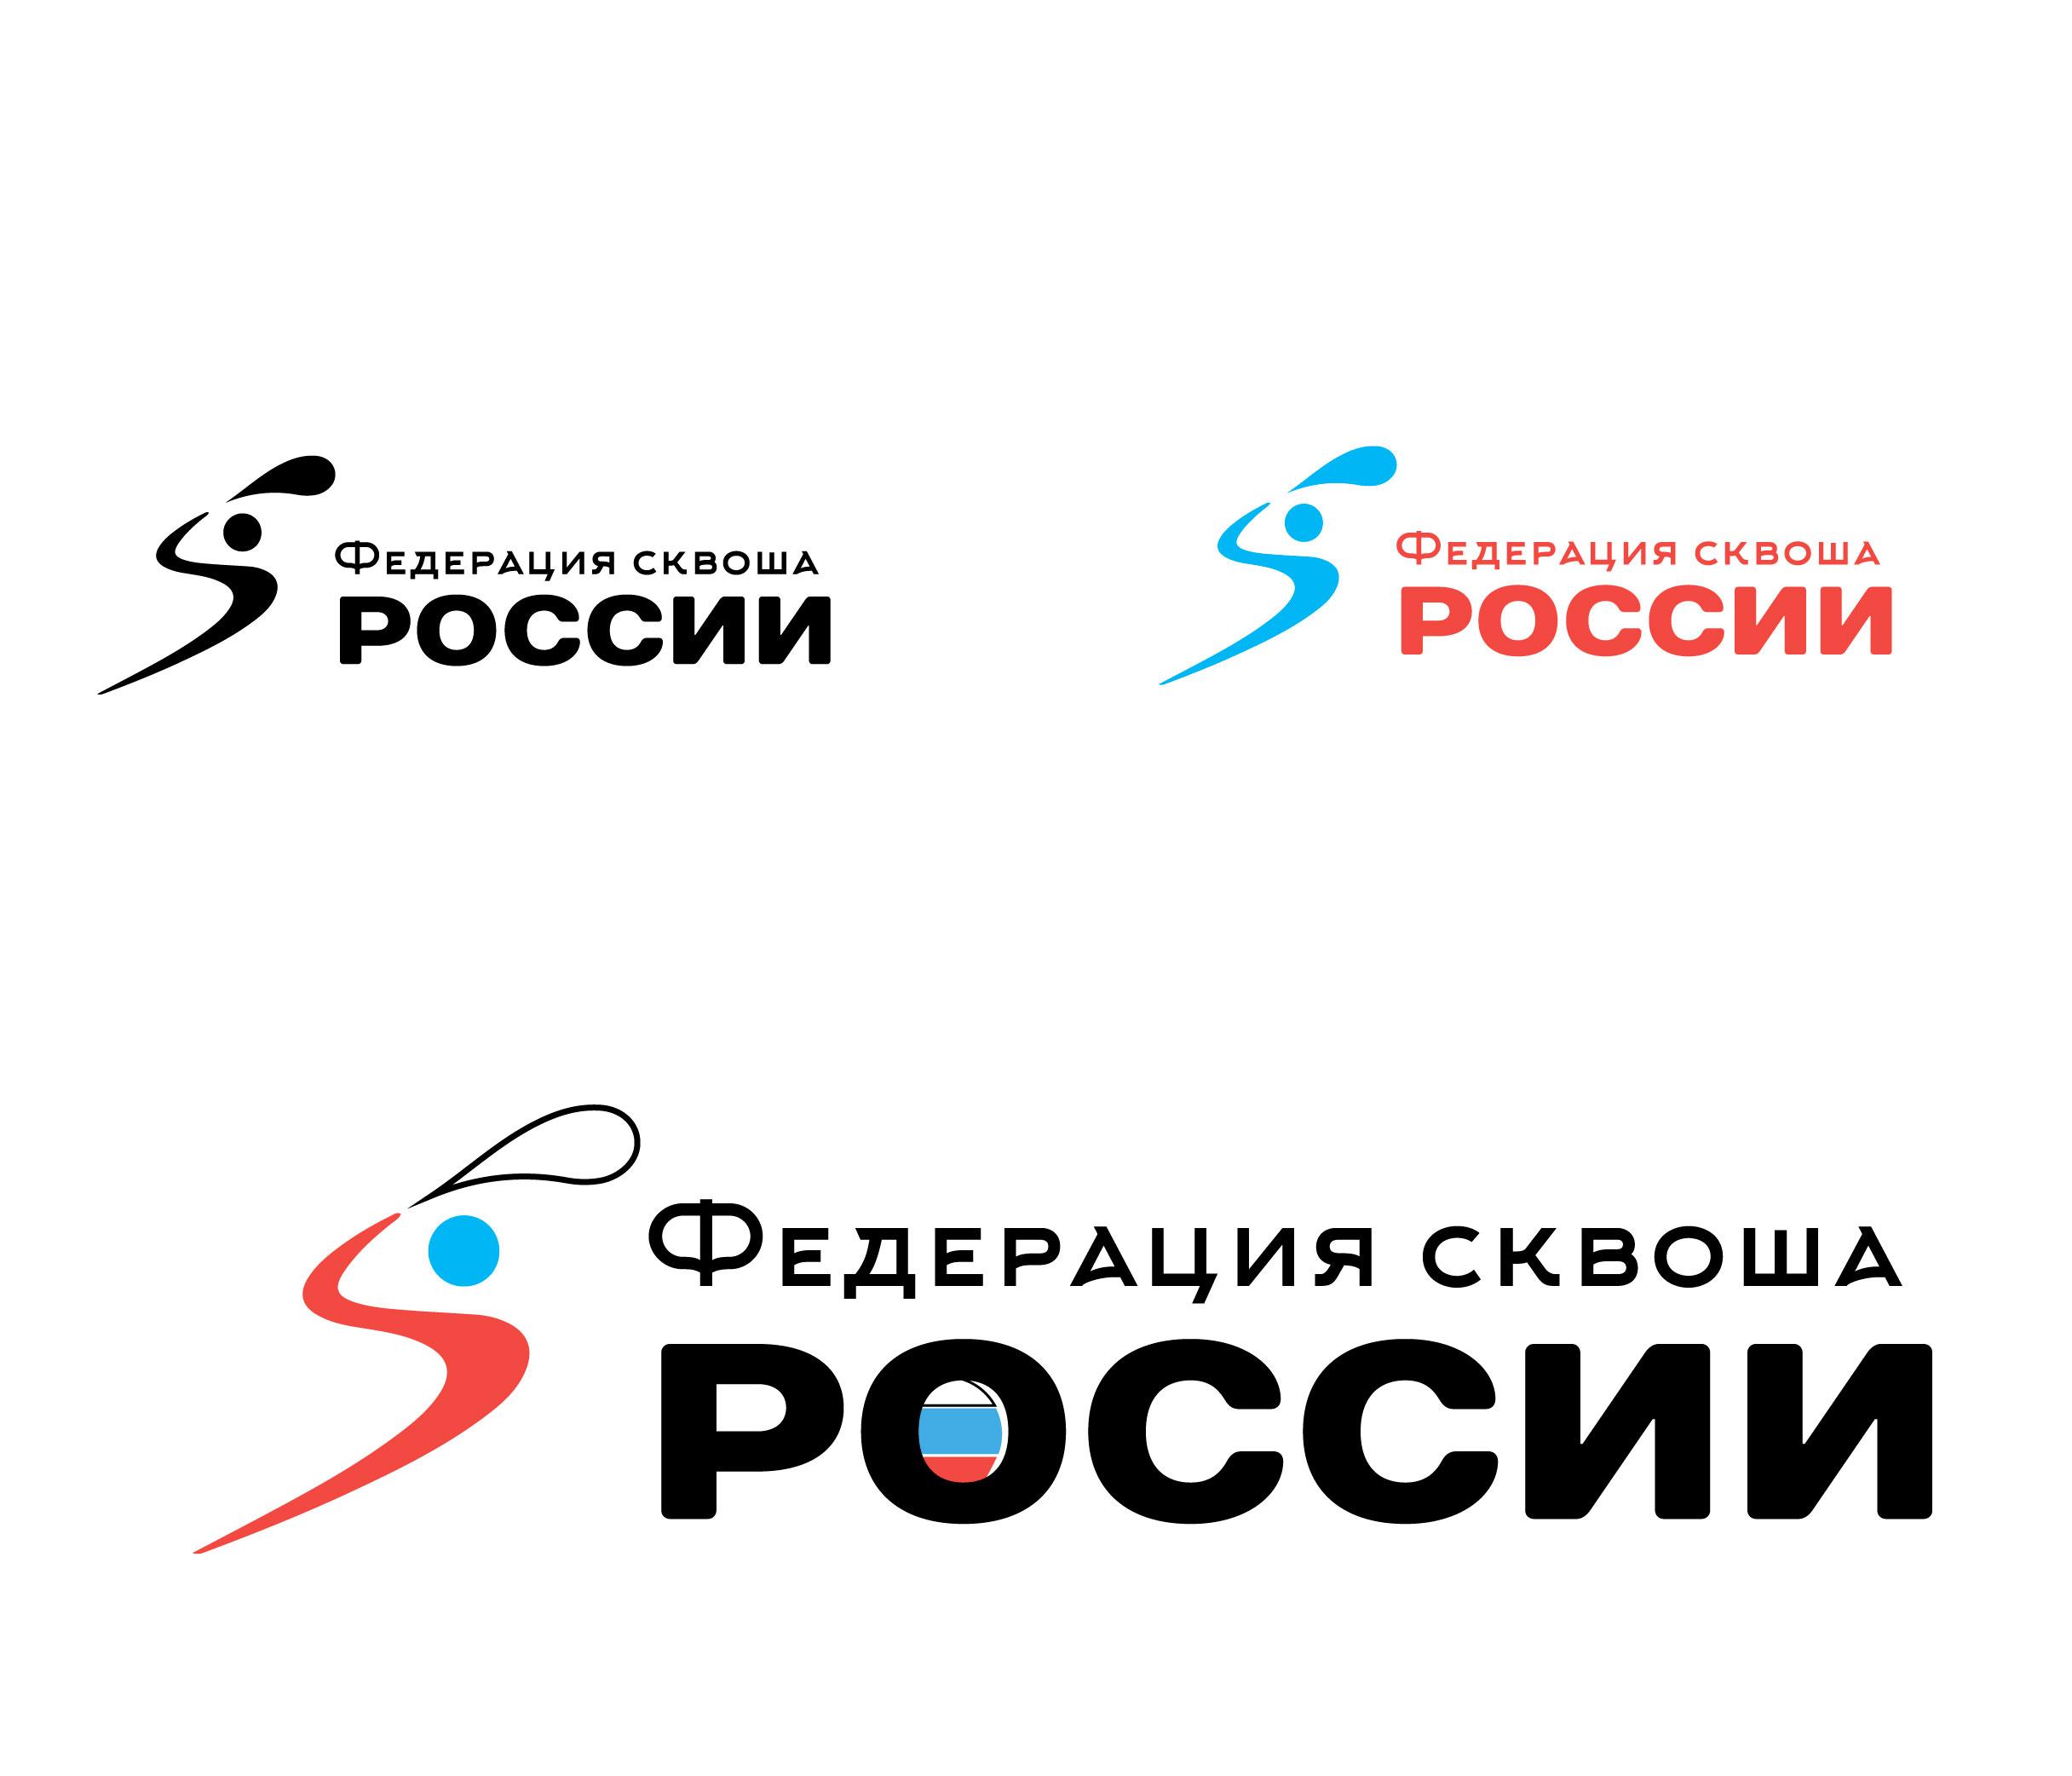 Разработать логотип для Федерации сквоша России фото f_4865f399deaaee3e.jpg